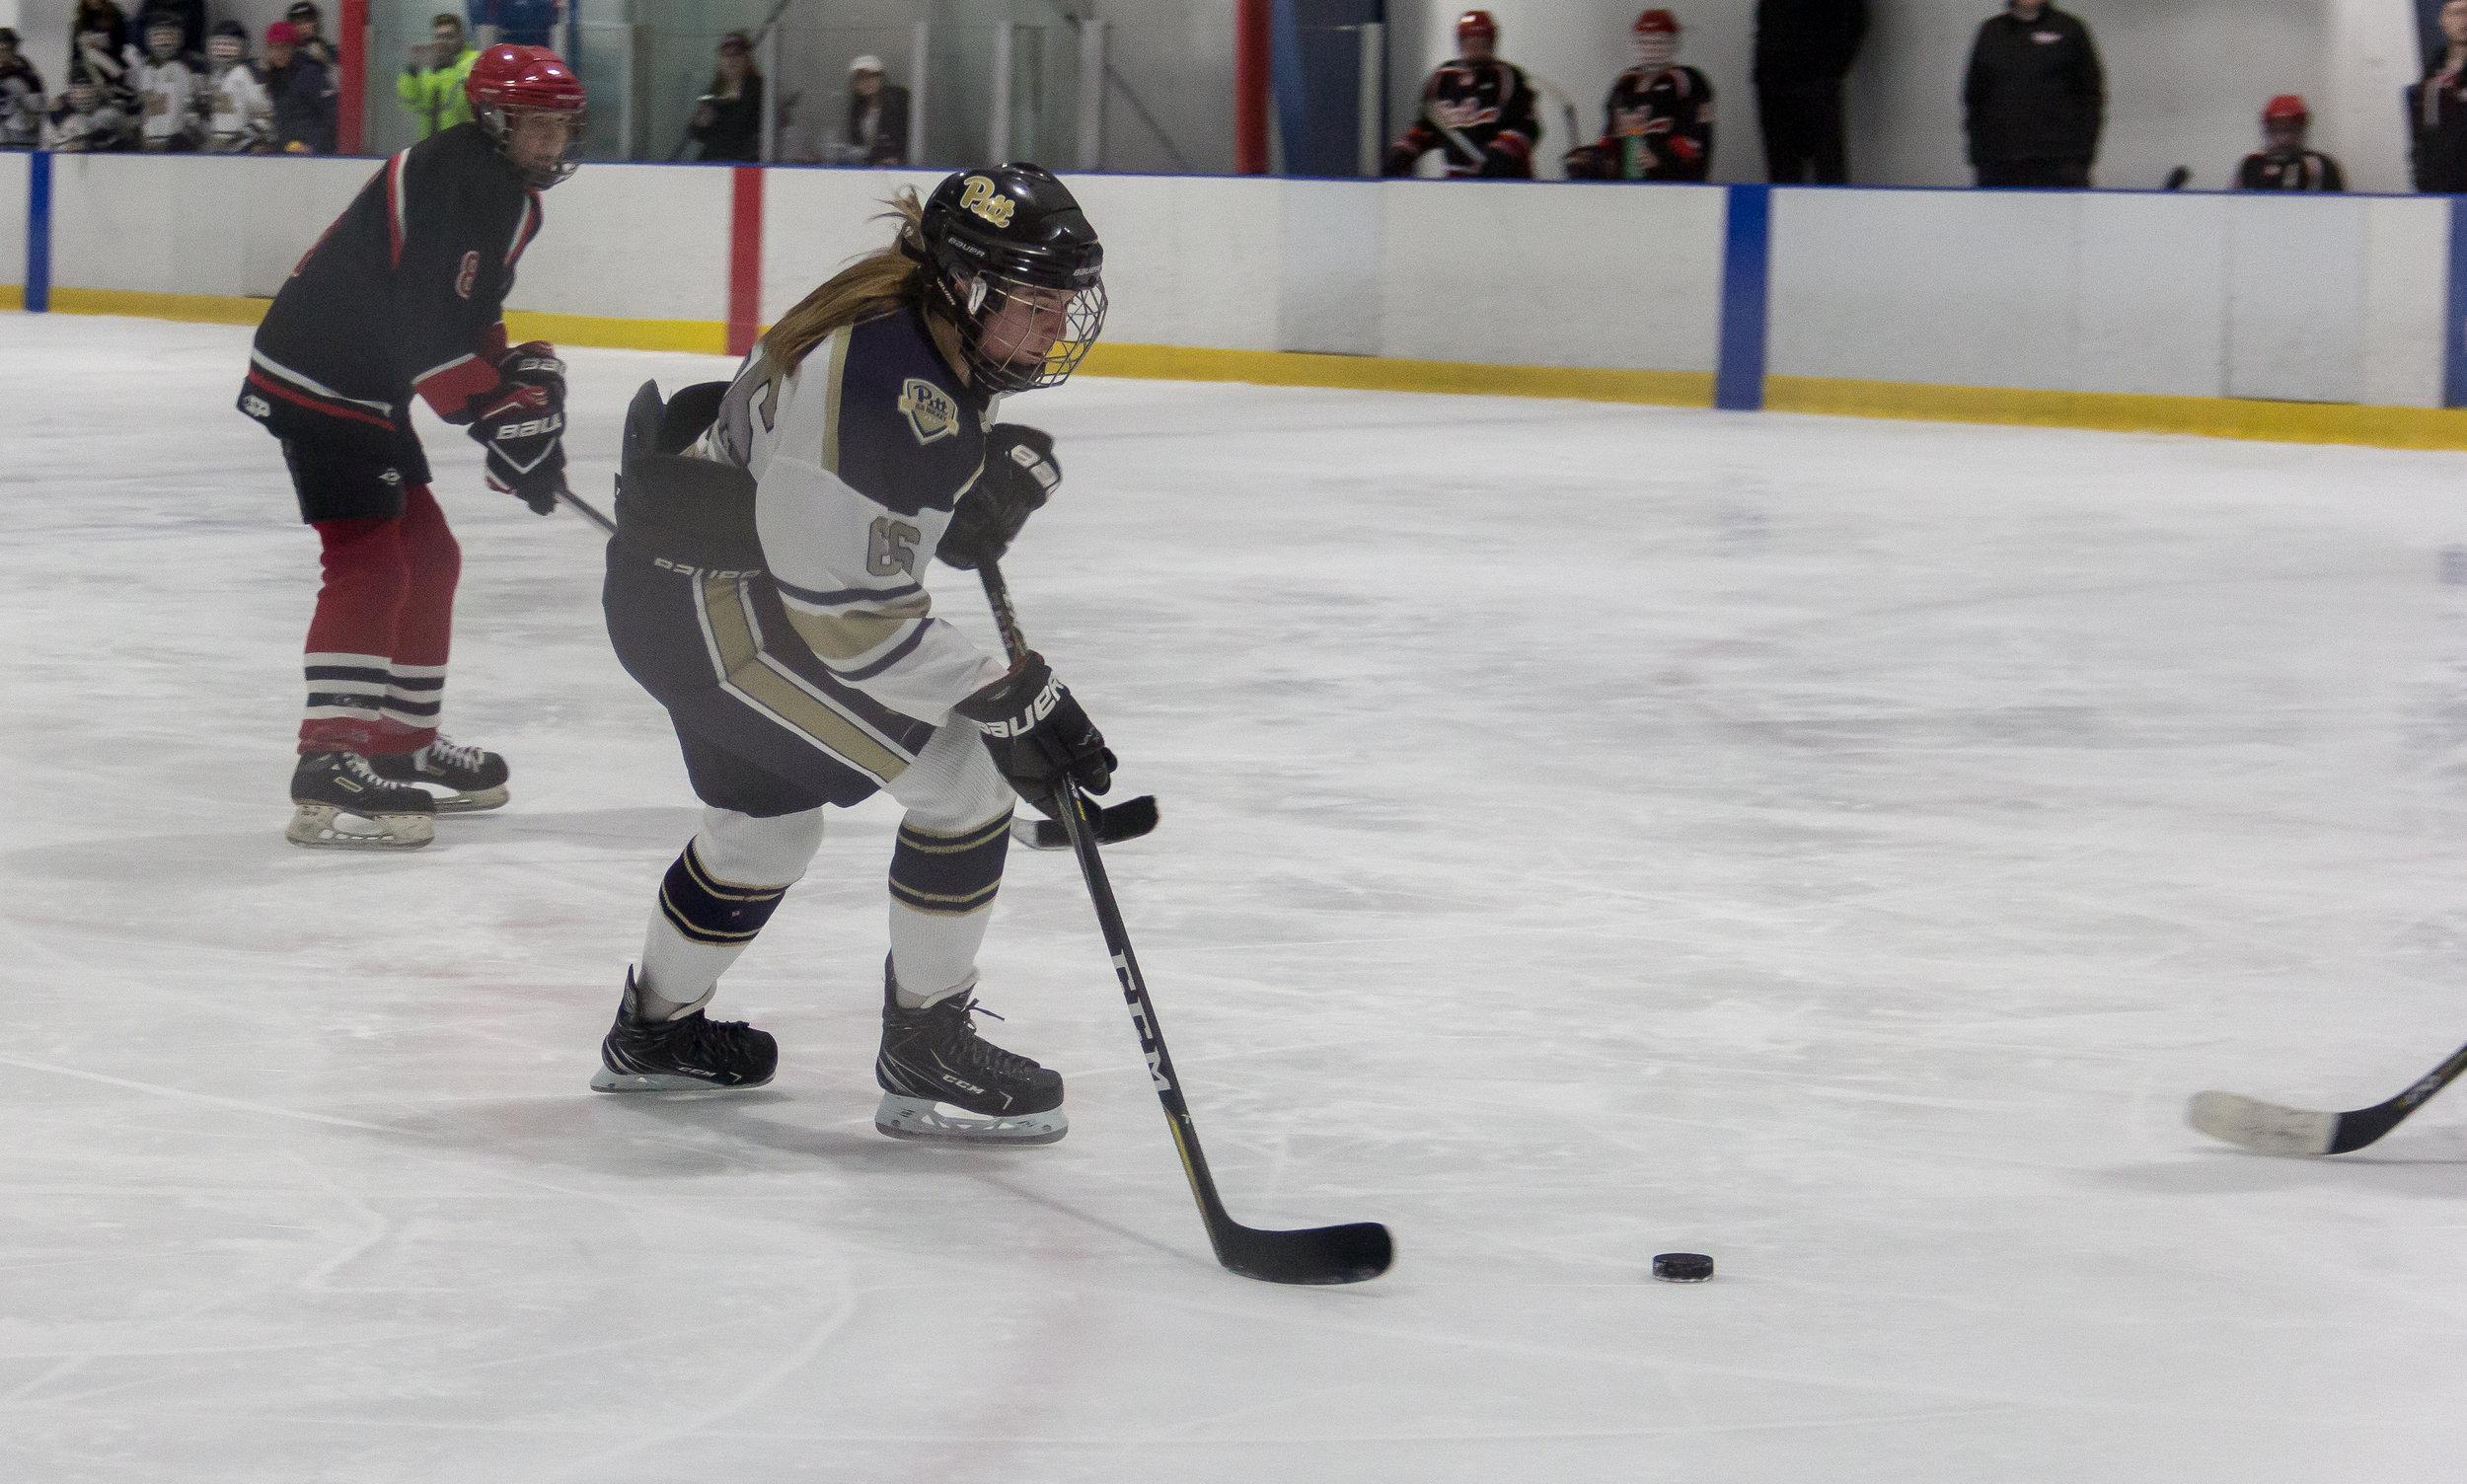 PittHockey-42.jpg